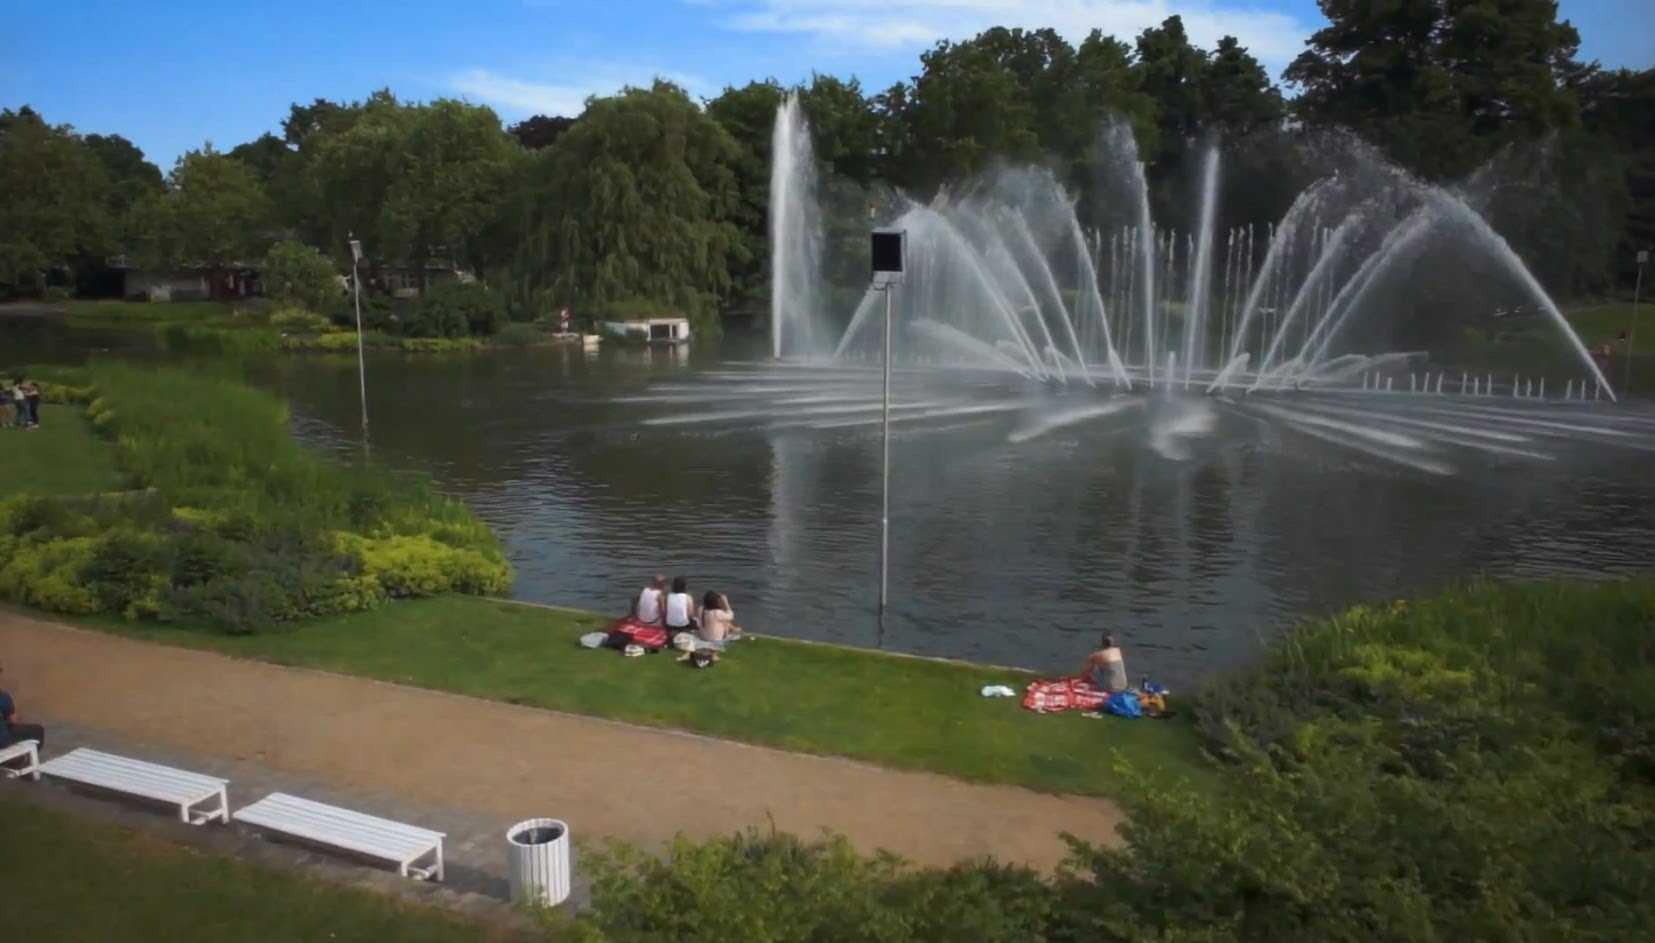 حديقة بلانتن اون بلومن من اجمل حدائق المانيا هامبورغ